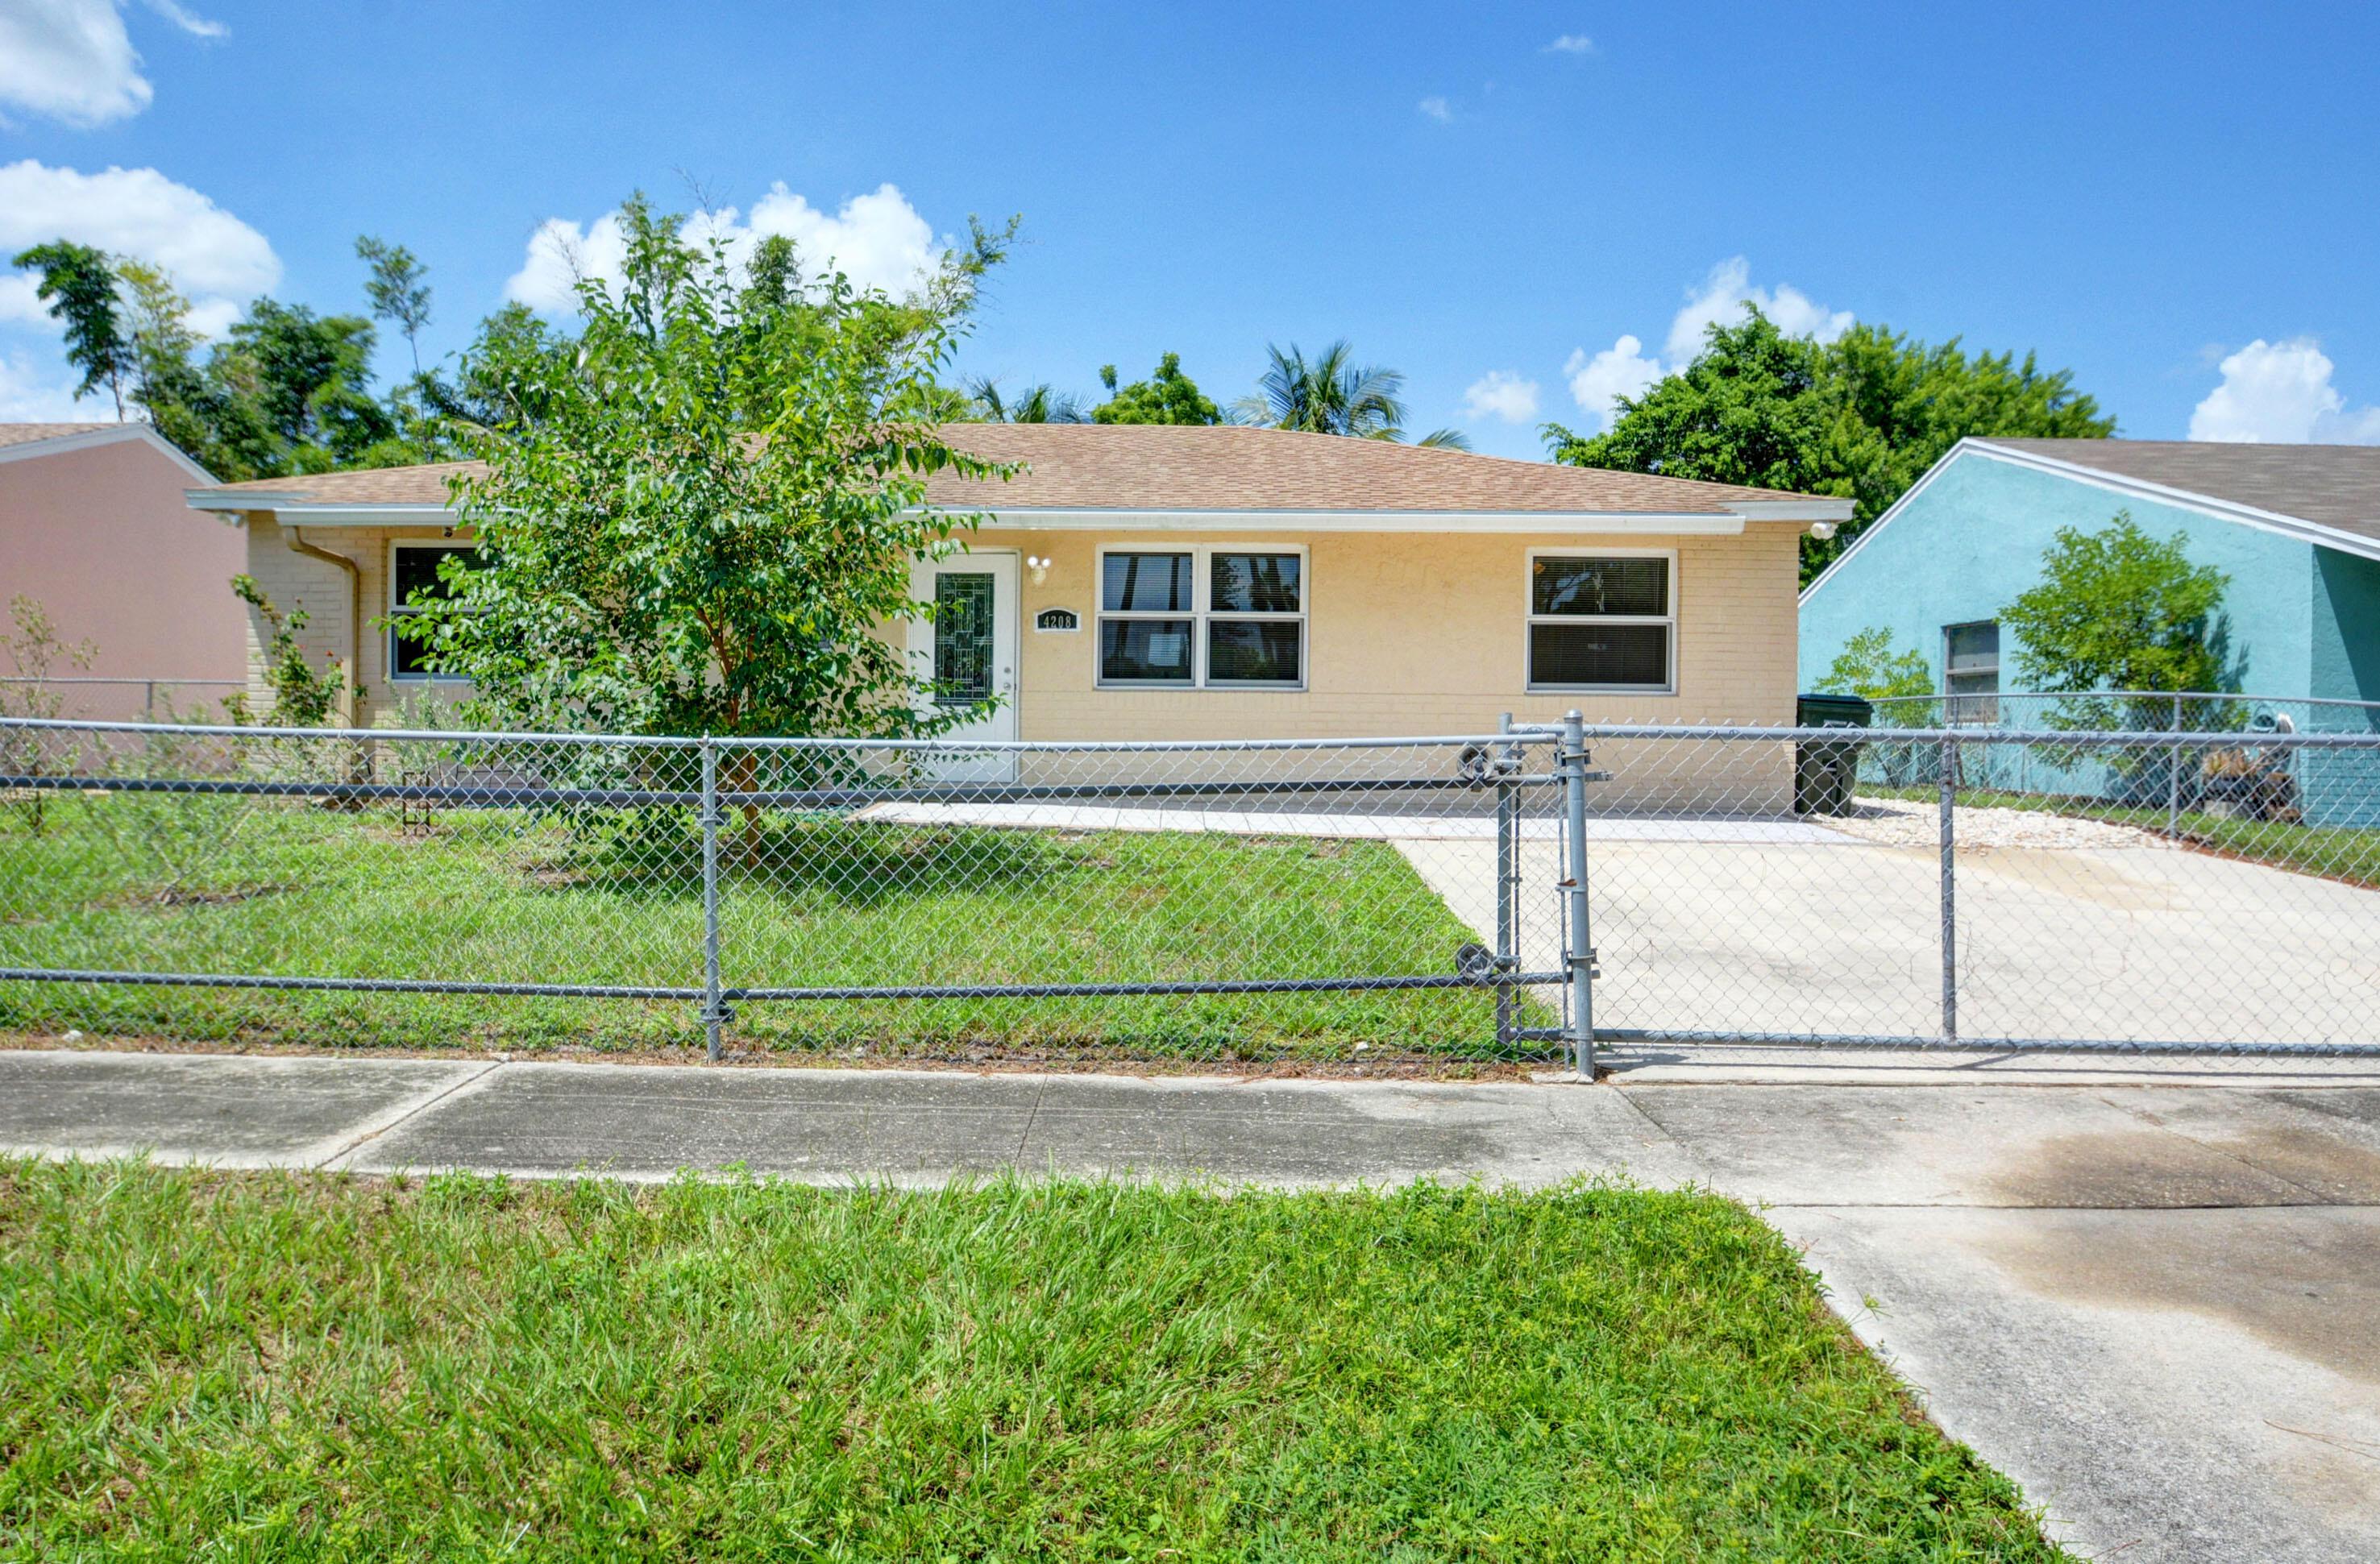 4208 Caesar, Greenacres, Florida 33463